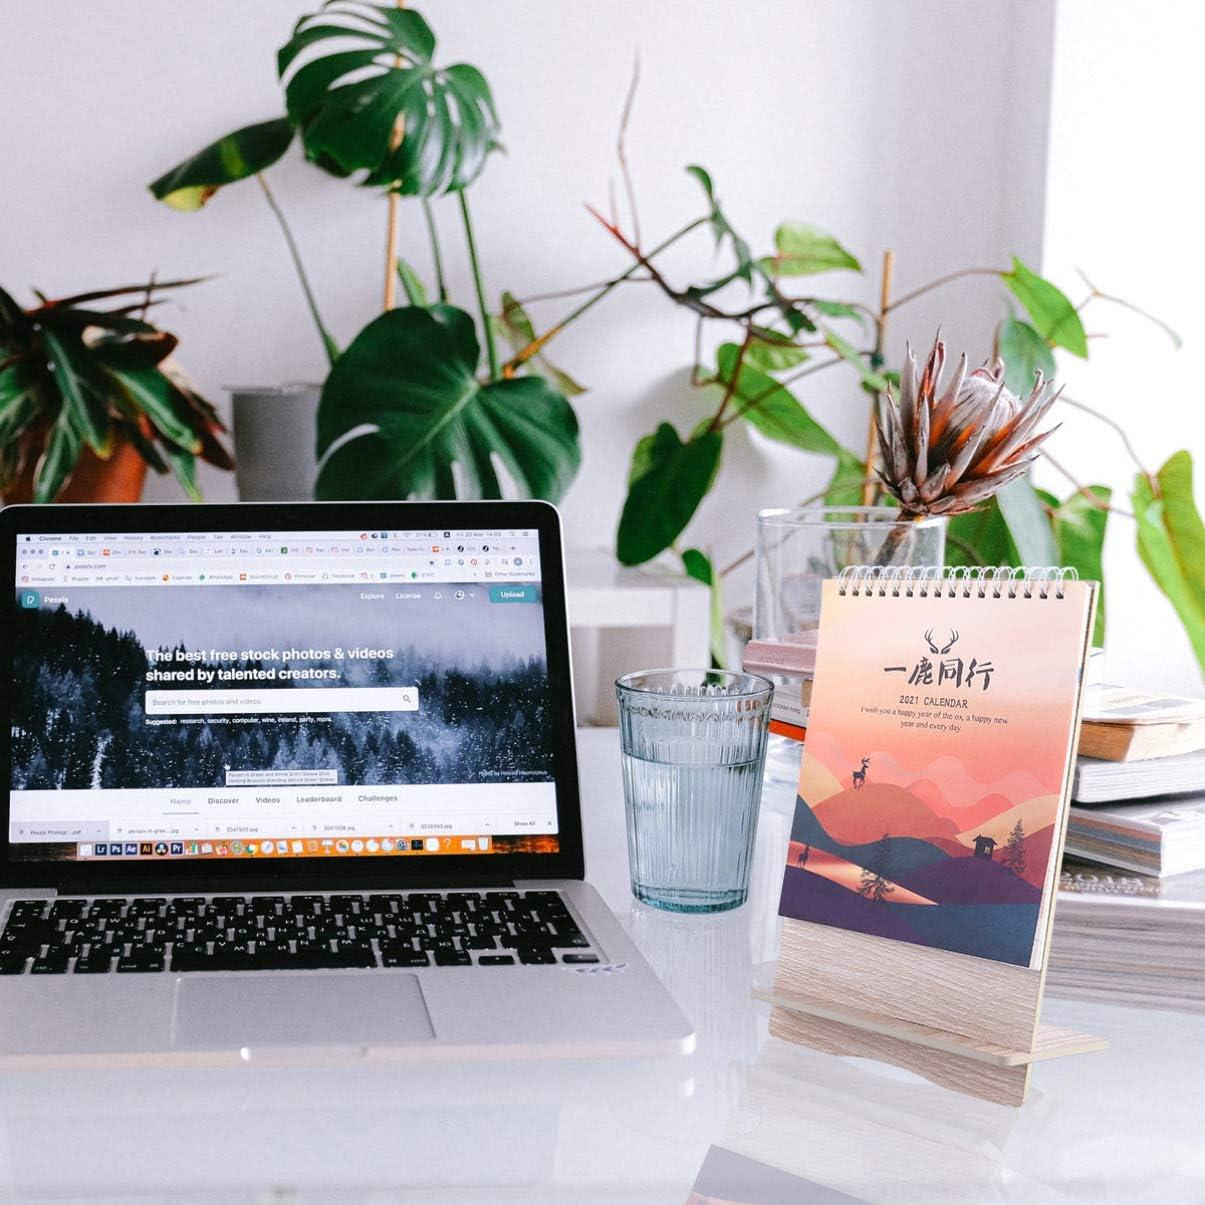 TOYANDONA Calendario da Tavolo 2021 Calendario da Tavolo Piccolo con Base in Legno Flip Calendario Mensile Calendario Giornaliero Planner Centrotavola da Tavolo per Ufficio da Casa